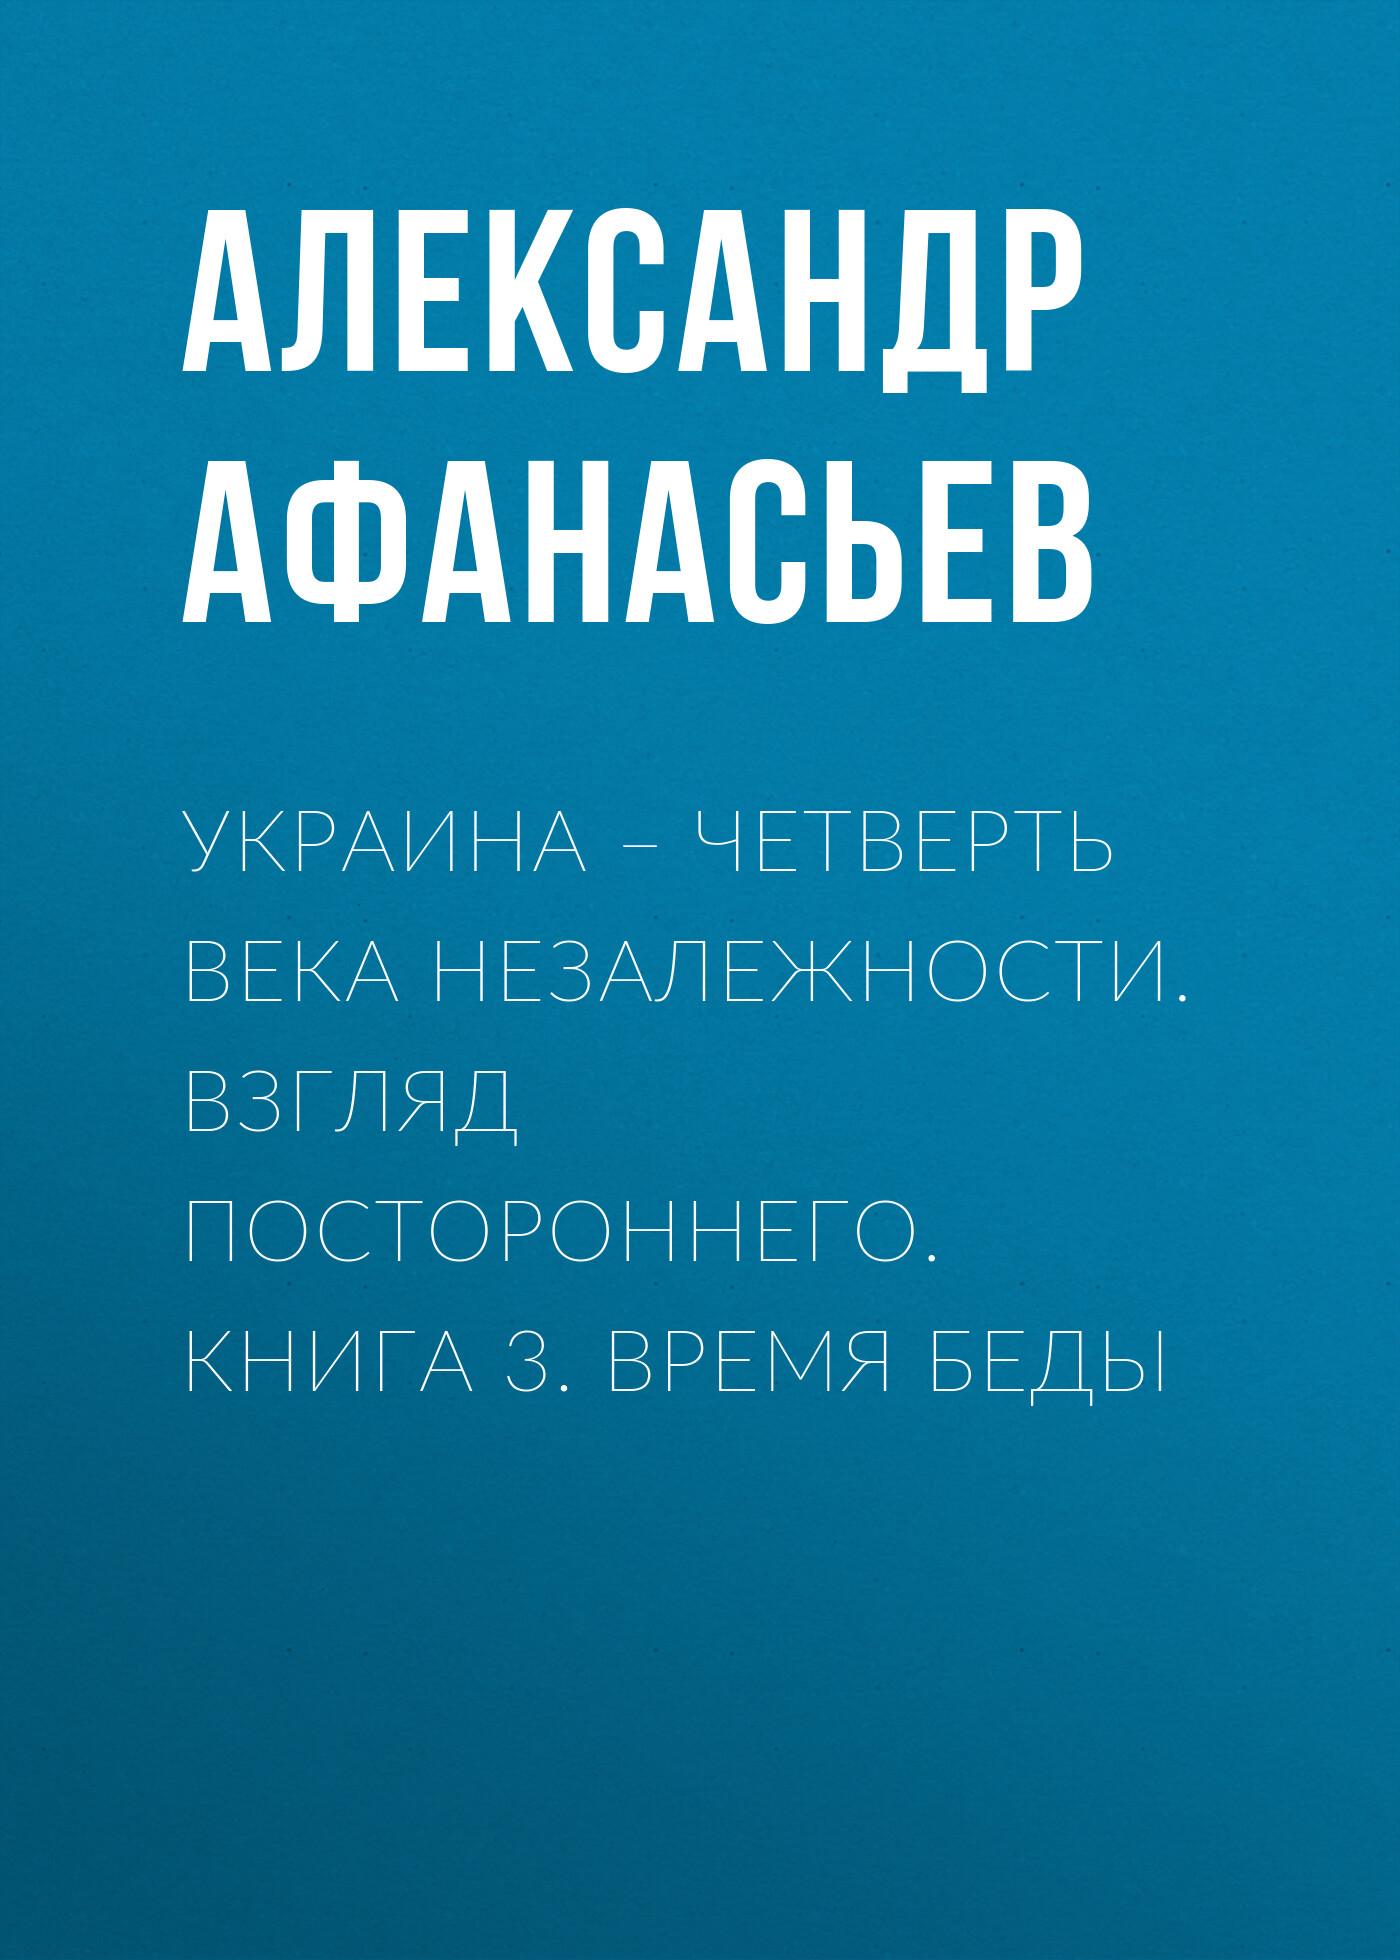 Александр Афанасьев Украина – четверть века незалежности. Взгляд постороннего. Книга 3. Время беды